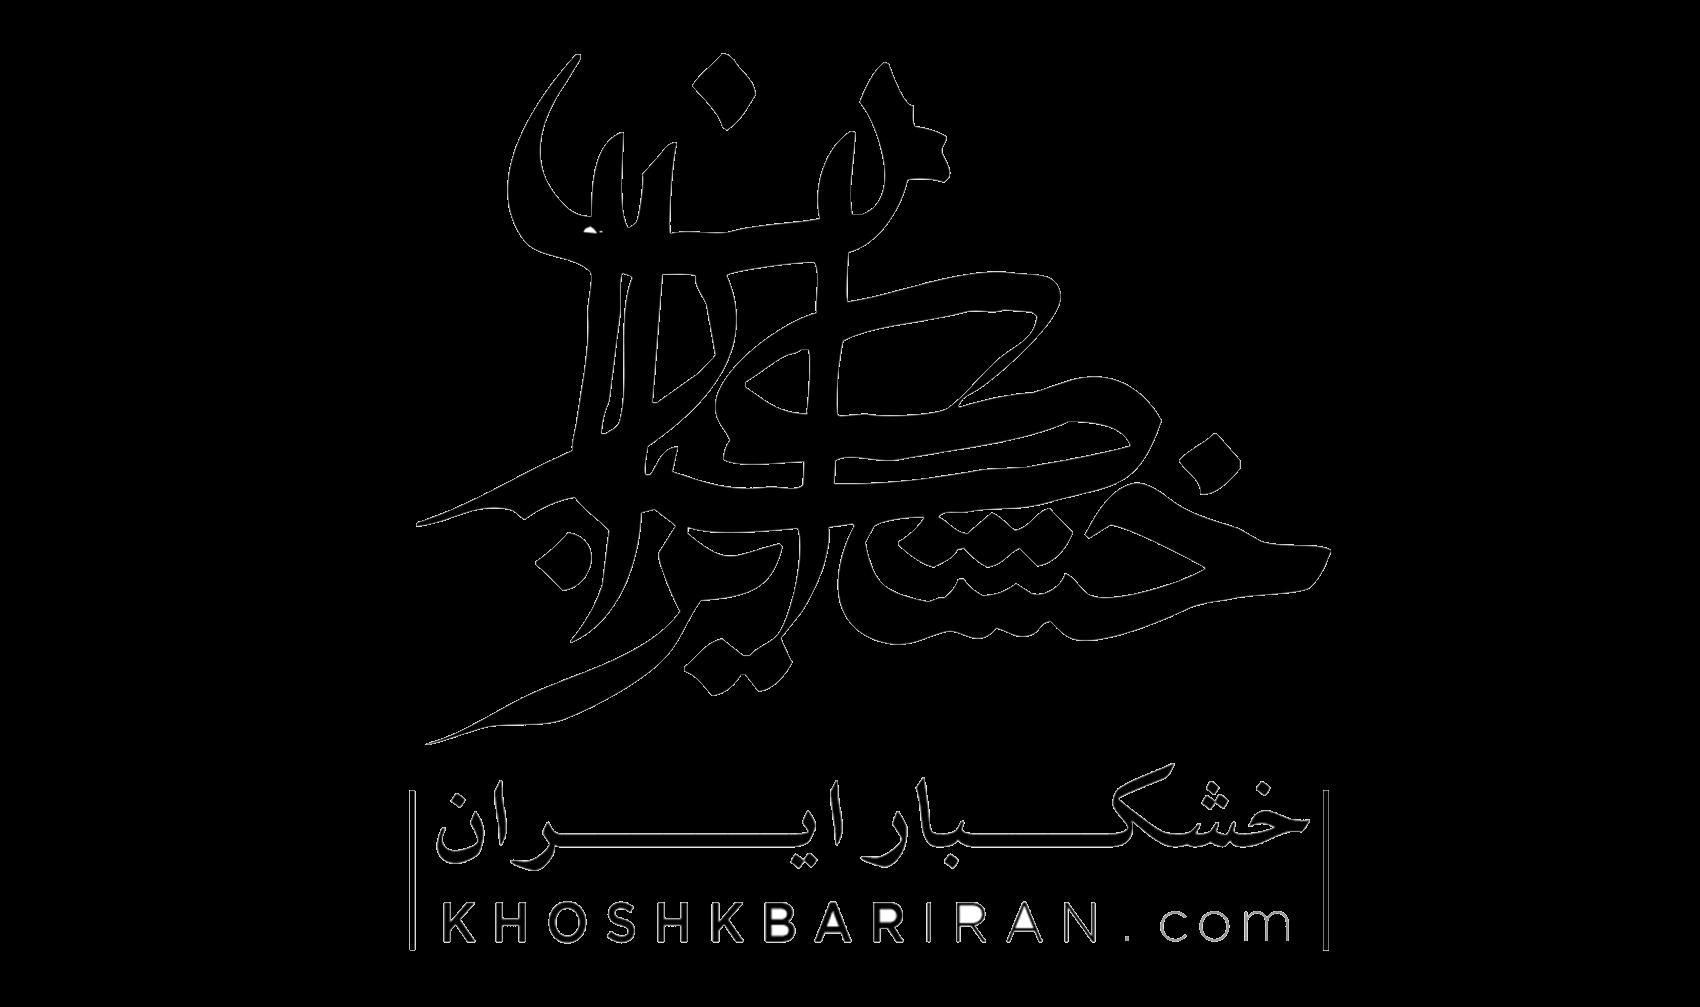 خشکبار ایران – خرید آجیل و خشکبار به قیمت عمده